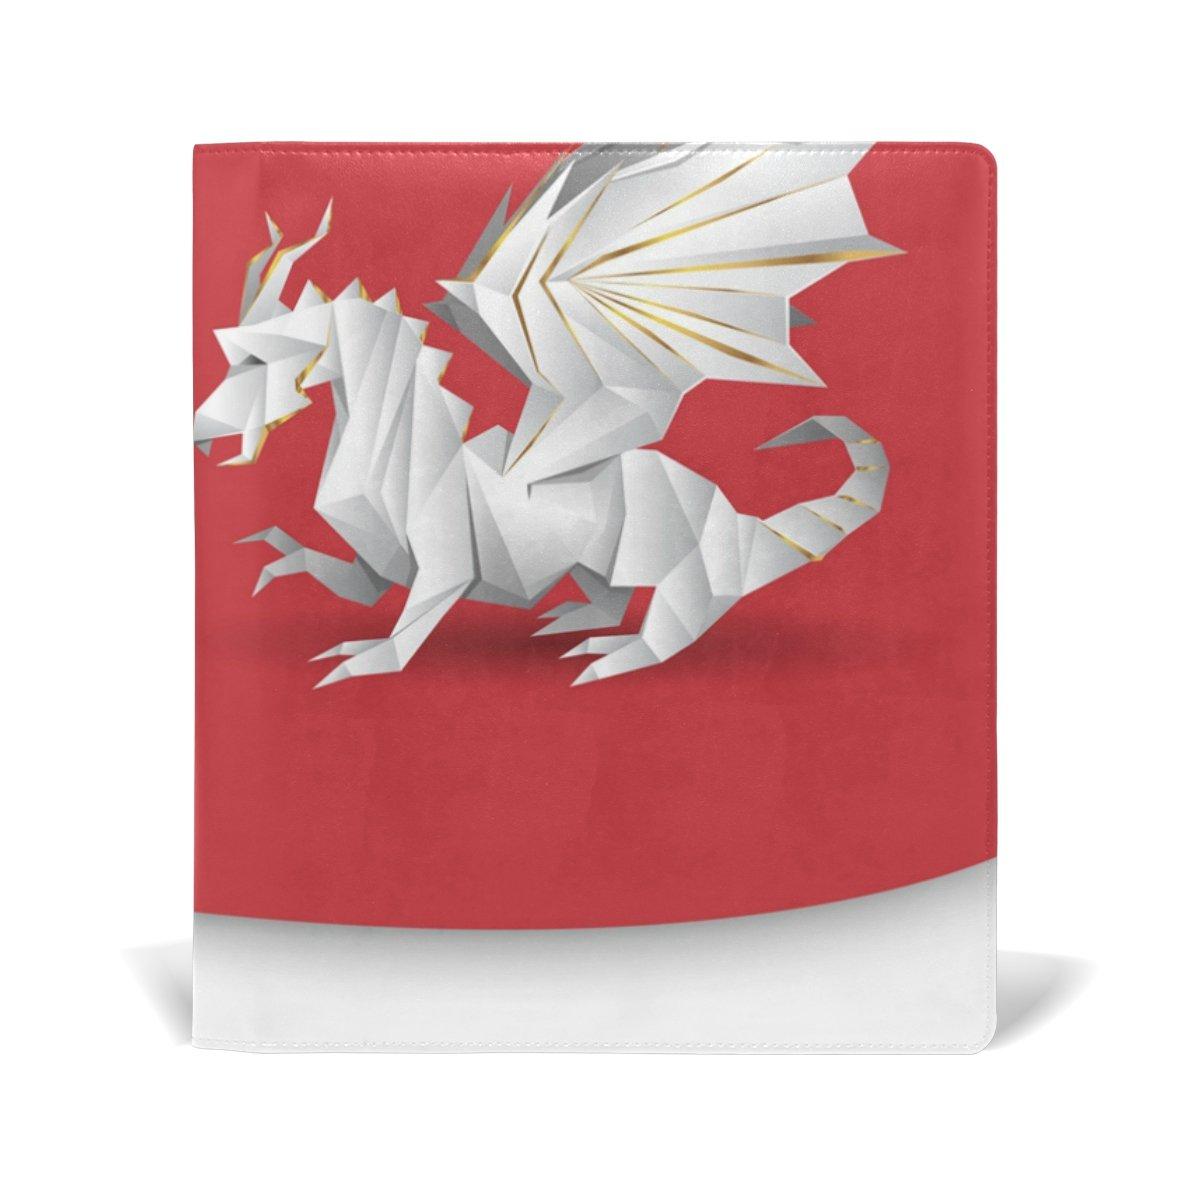 bennigiry dragones piel estirable Book de Cover Cubierta – rellenable de Book libros libro de tapa dura libro pantalla, 9 x 11 cm 592a0a